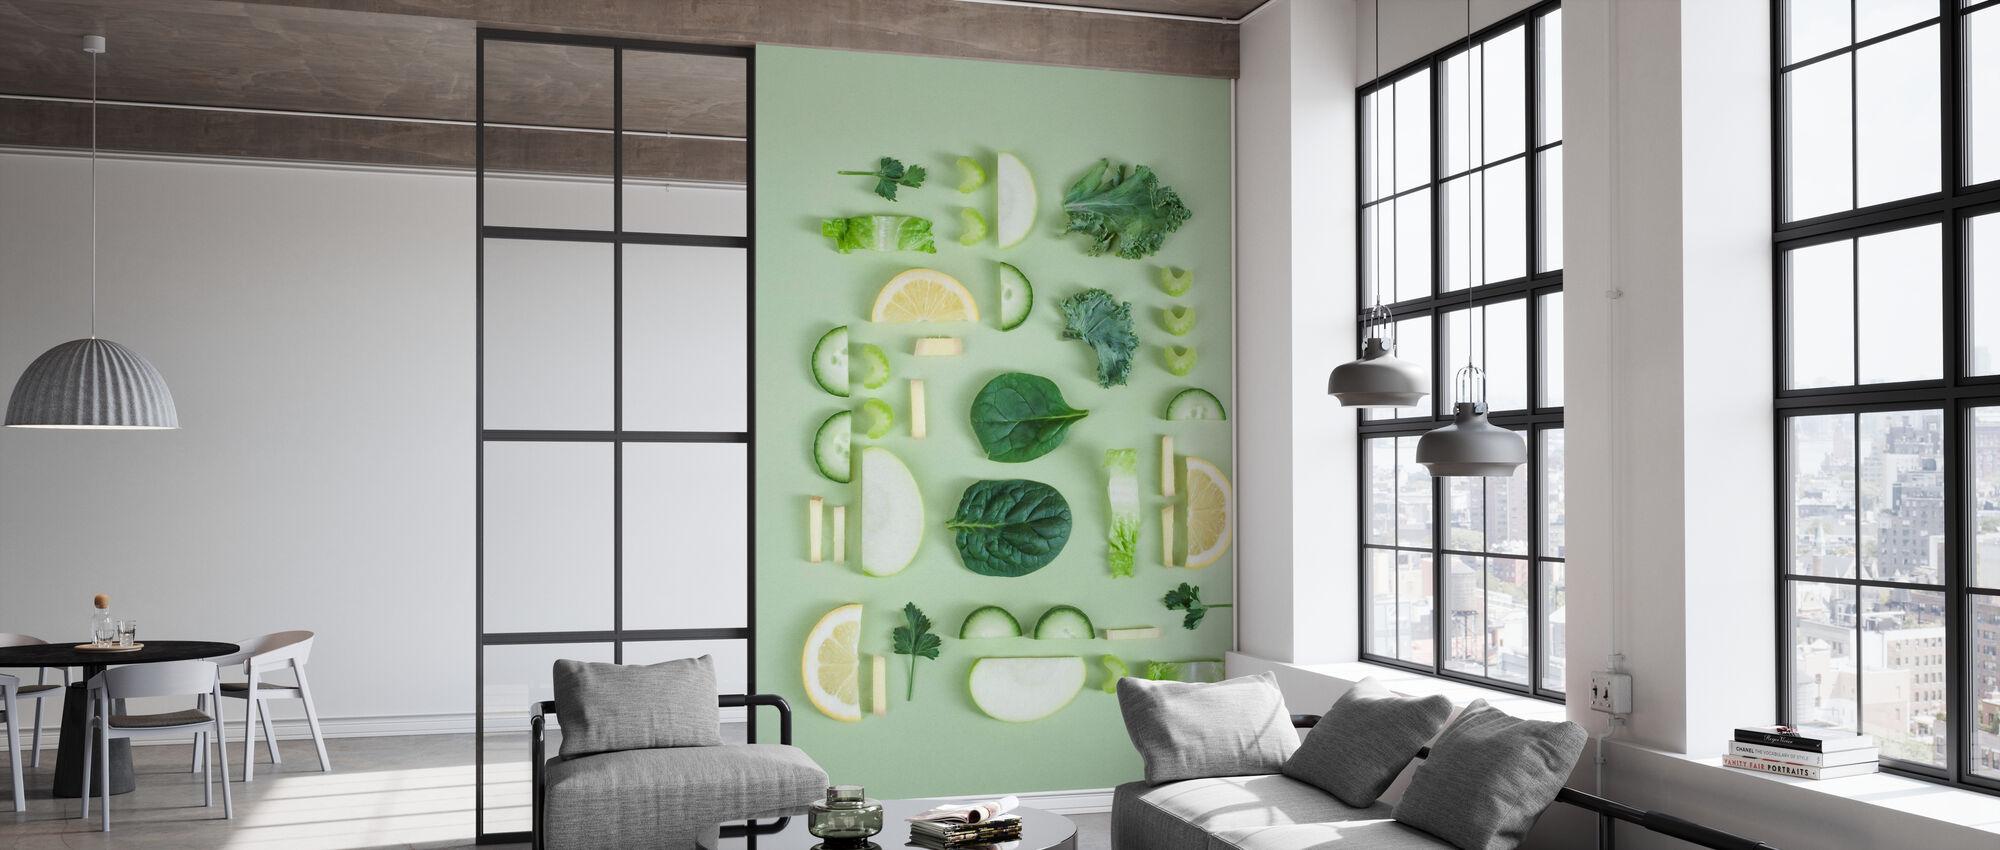 Obst und Gemüse - Tapete - Büro